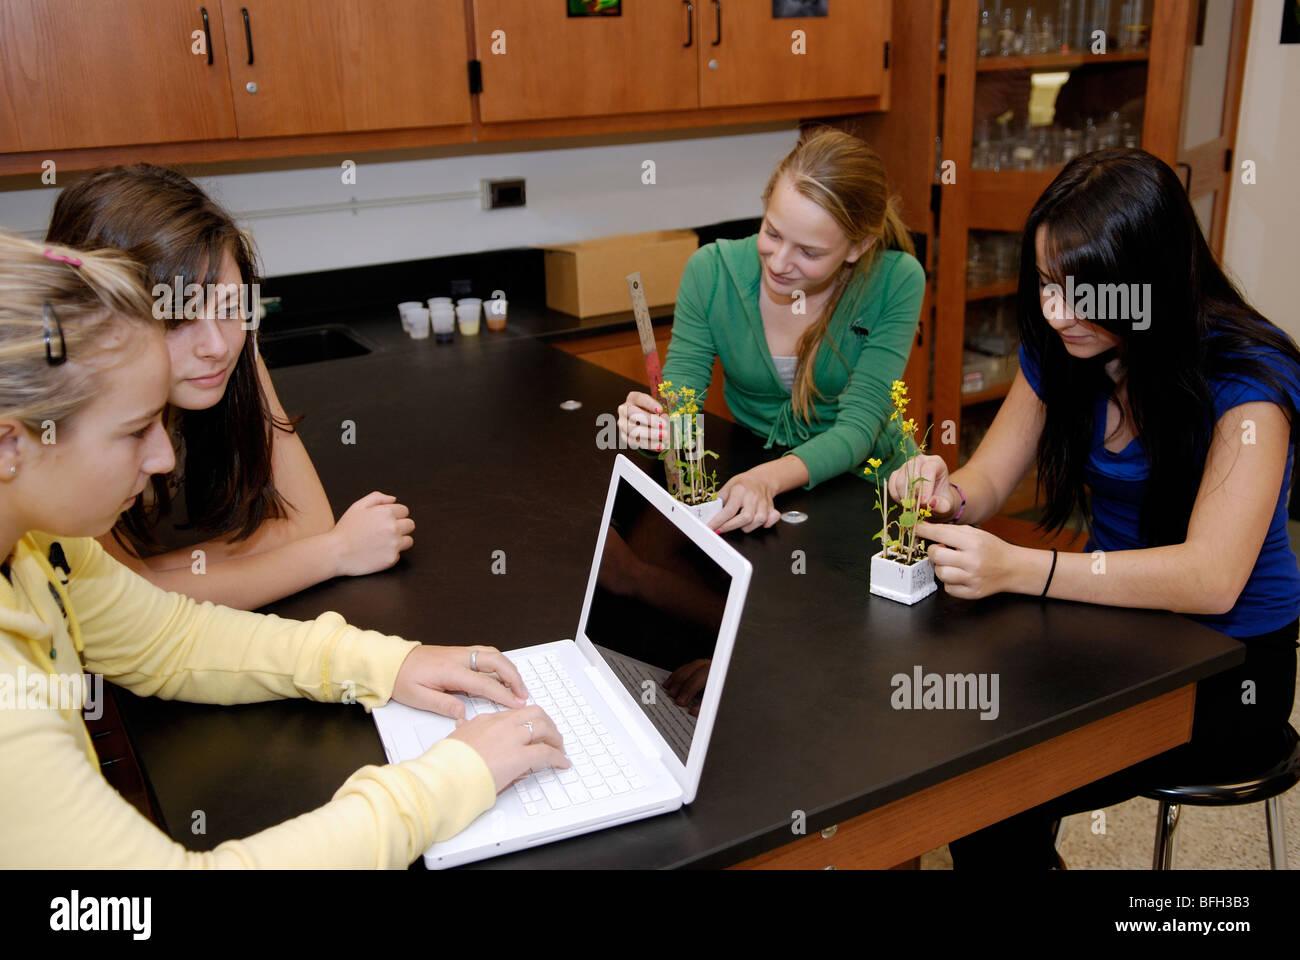 Los estudiantes de la escuela secundaria en clase de biología de plantas de medición para un experimento Imagen De Stock